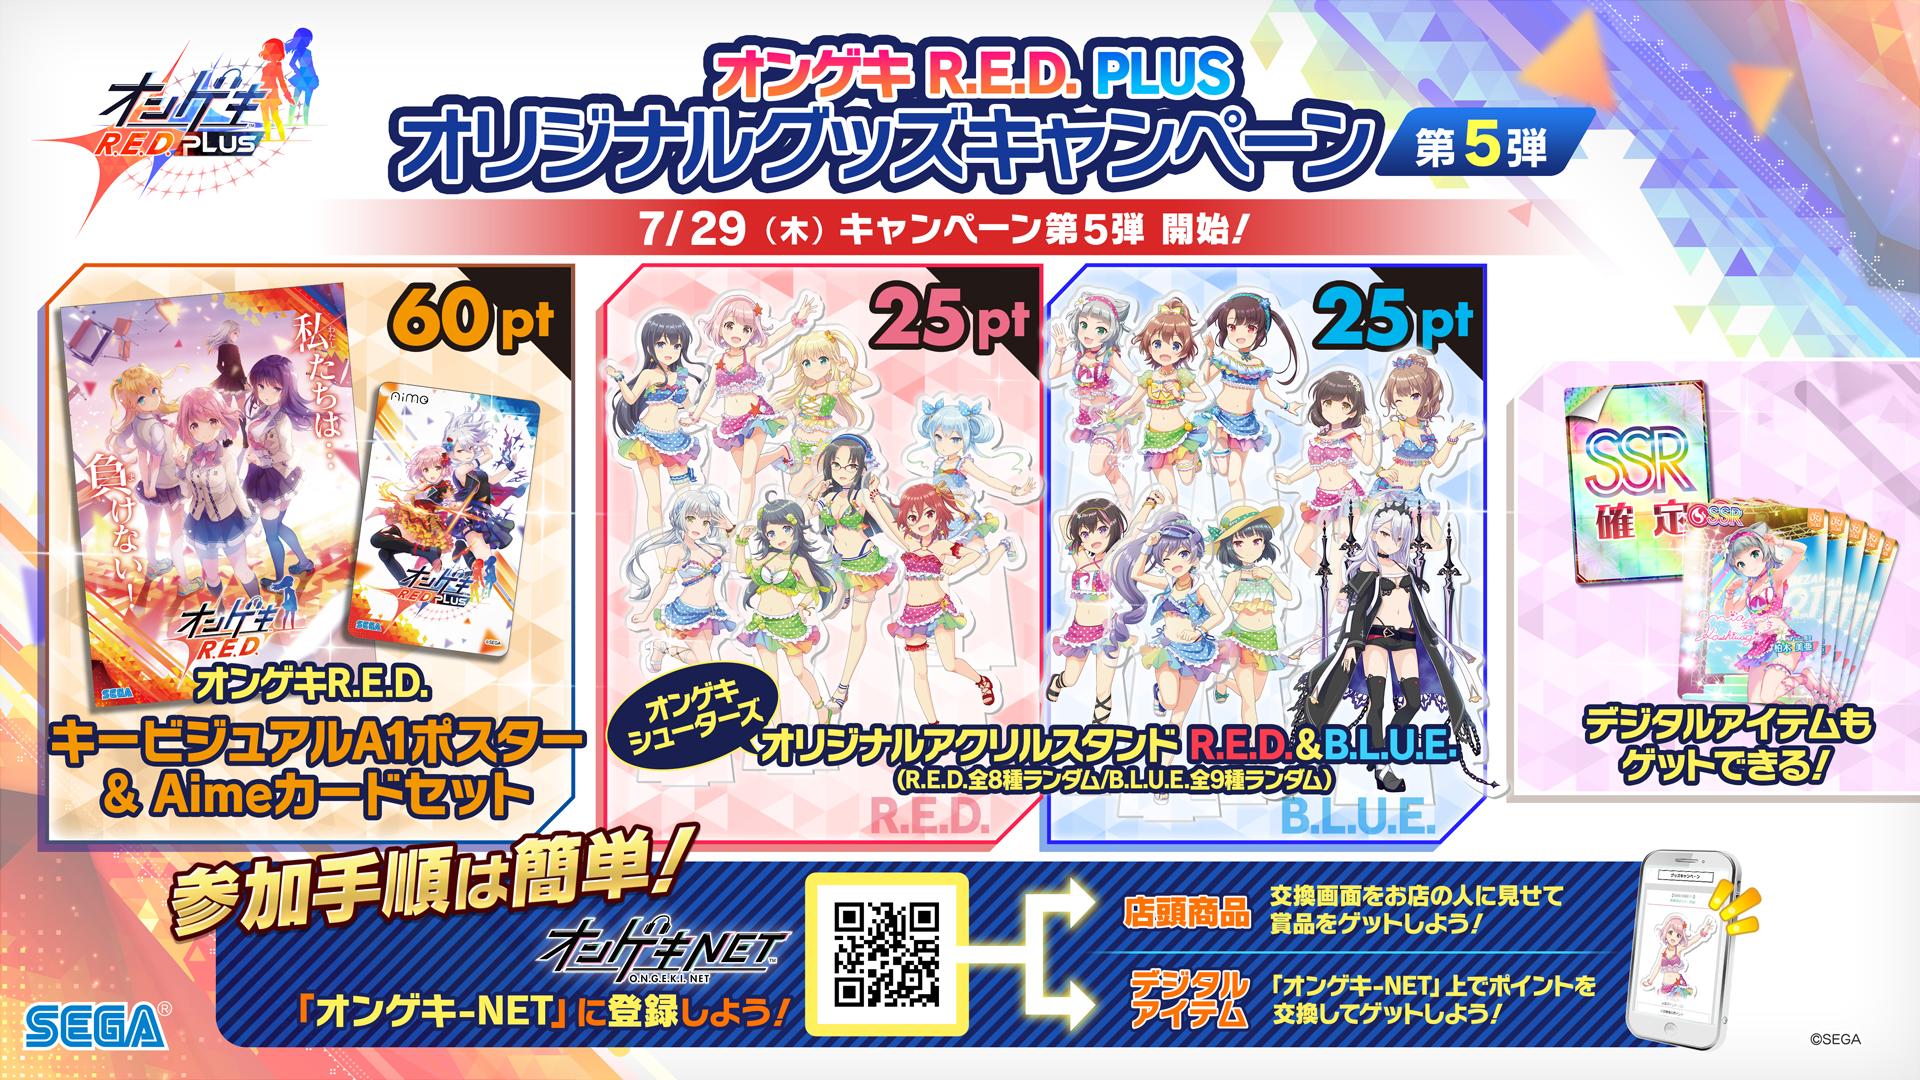 7/29(木)「オンゲキ R.E.D. PLUSオリジナルグッズプレゼントキャンペーン 第5弾」開催!